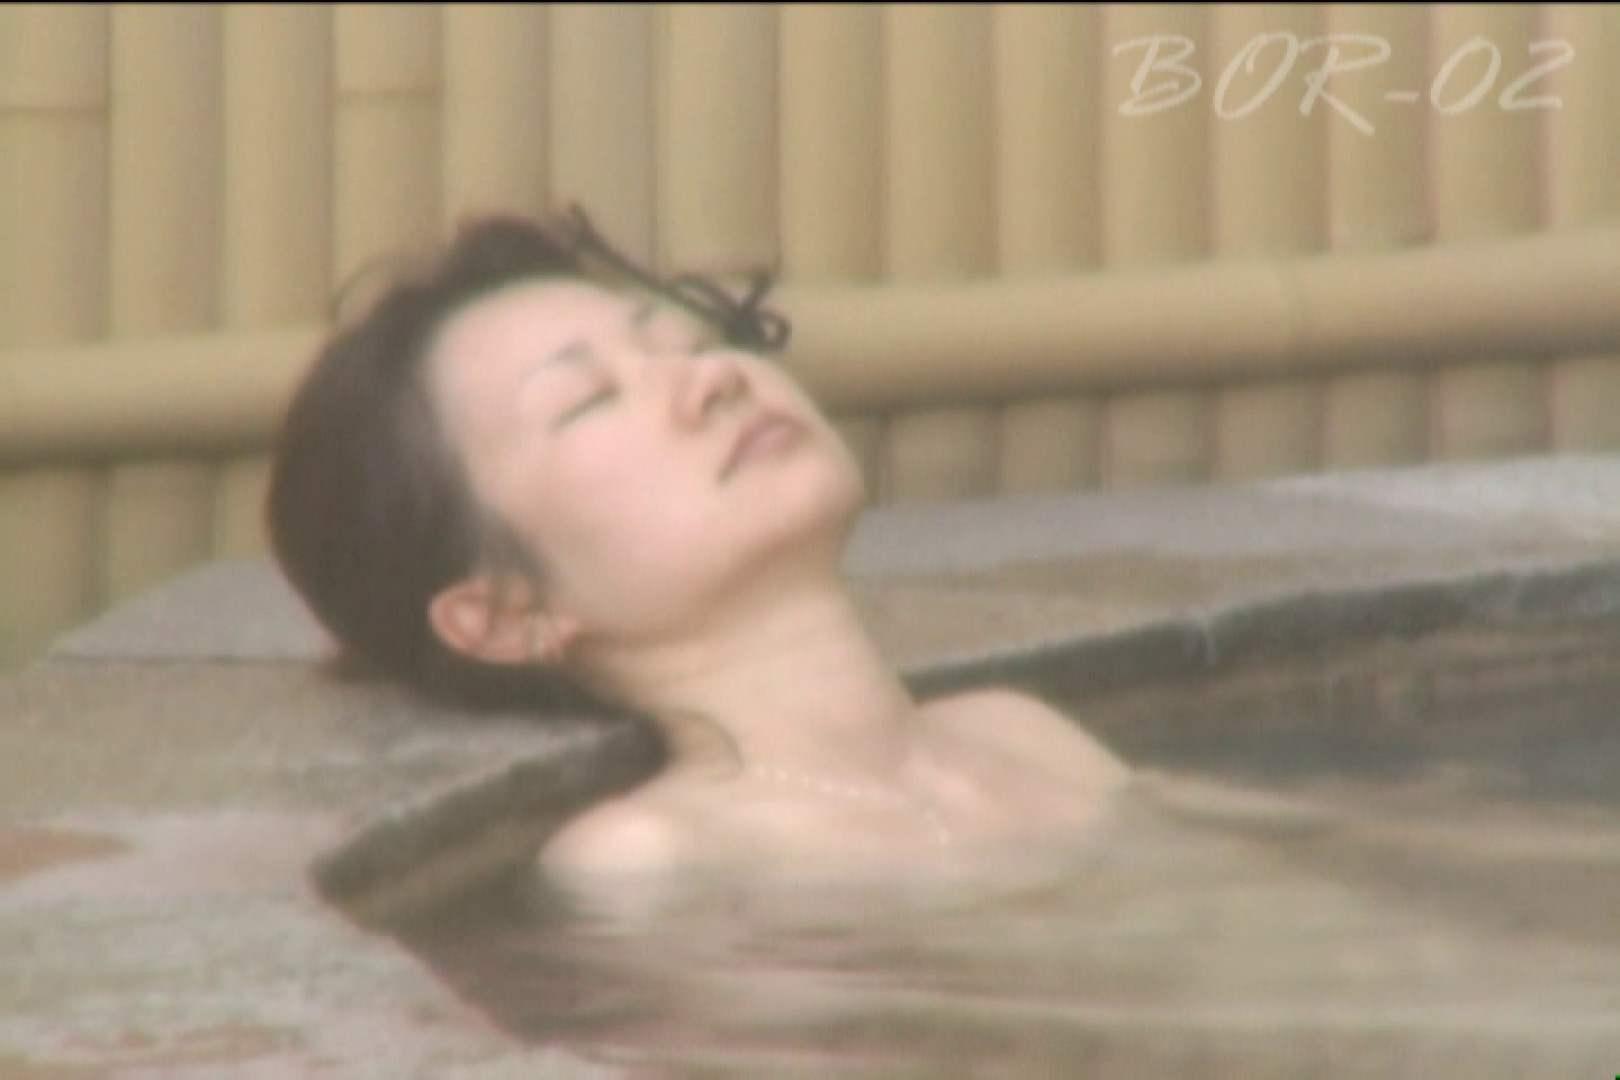 Aquaな露天風呂Vol.477 美しいOLの裸体   盗撮師作品  90pic 49